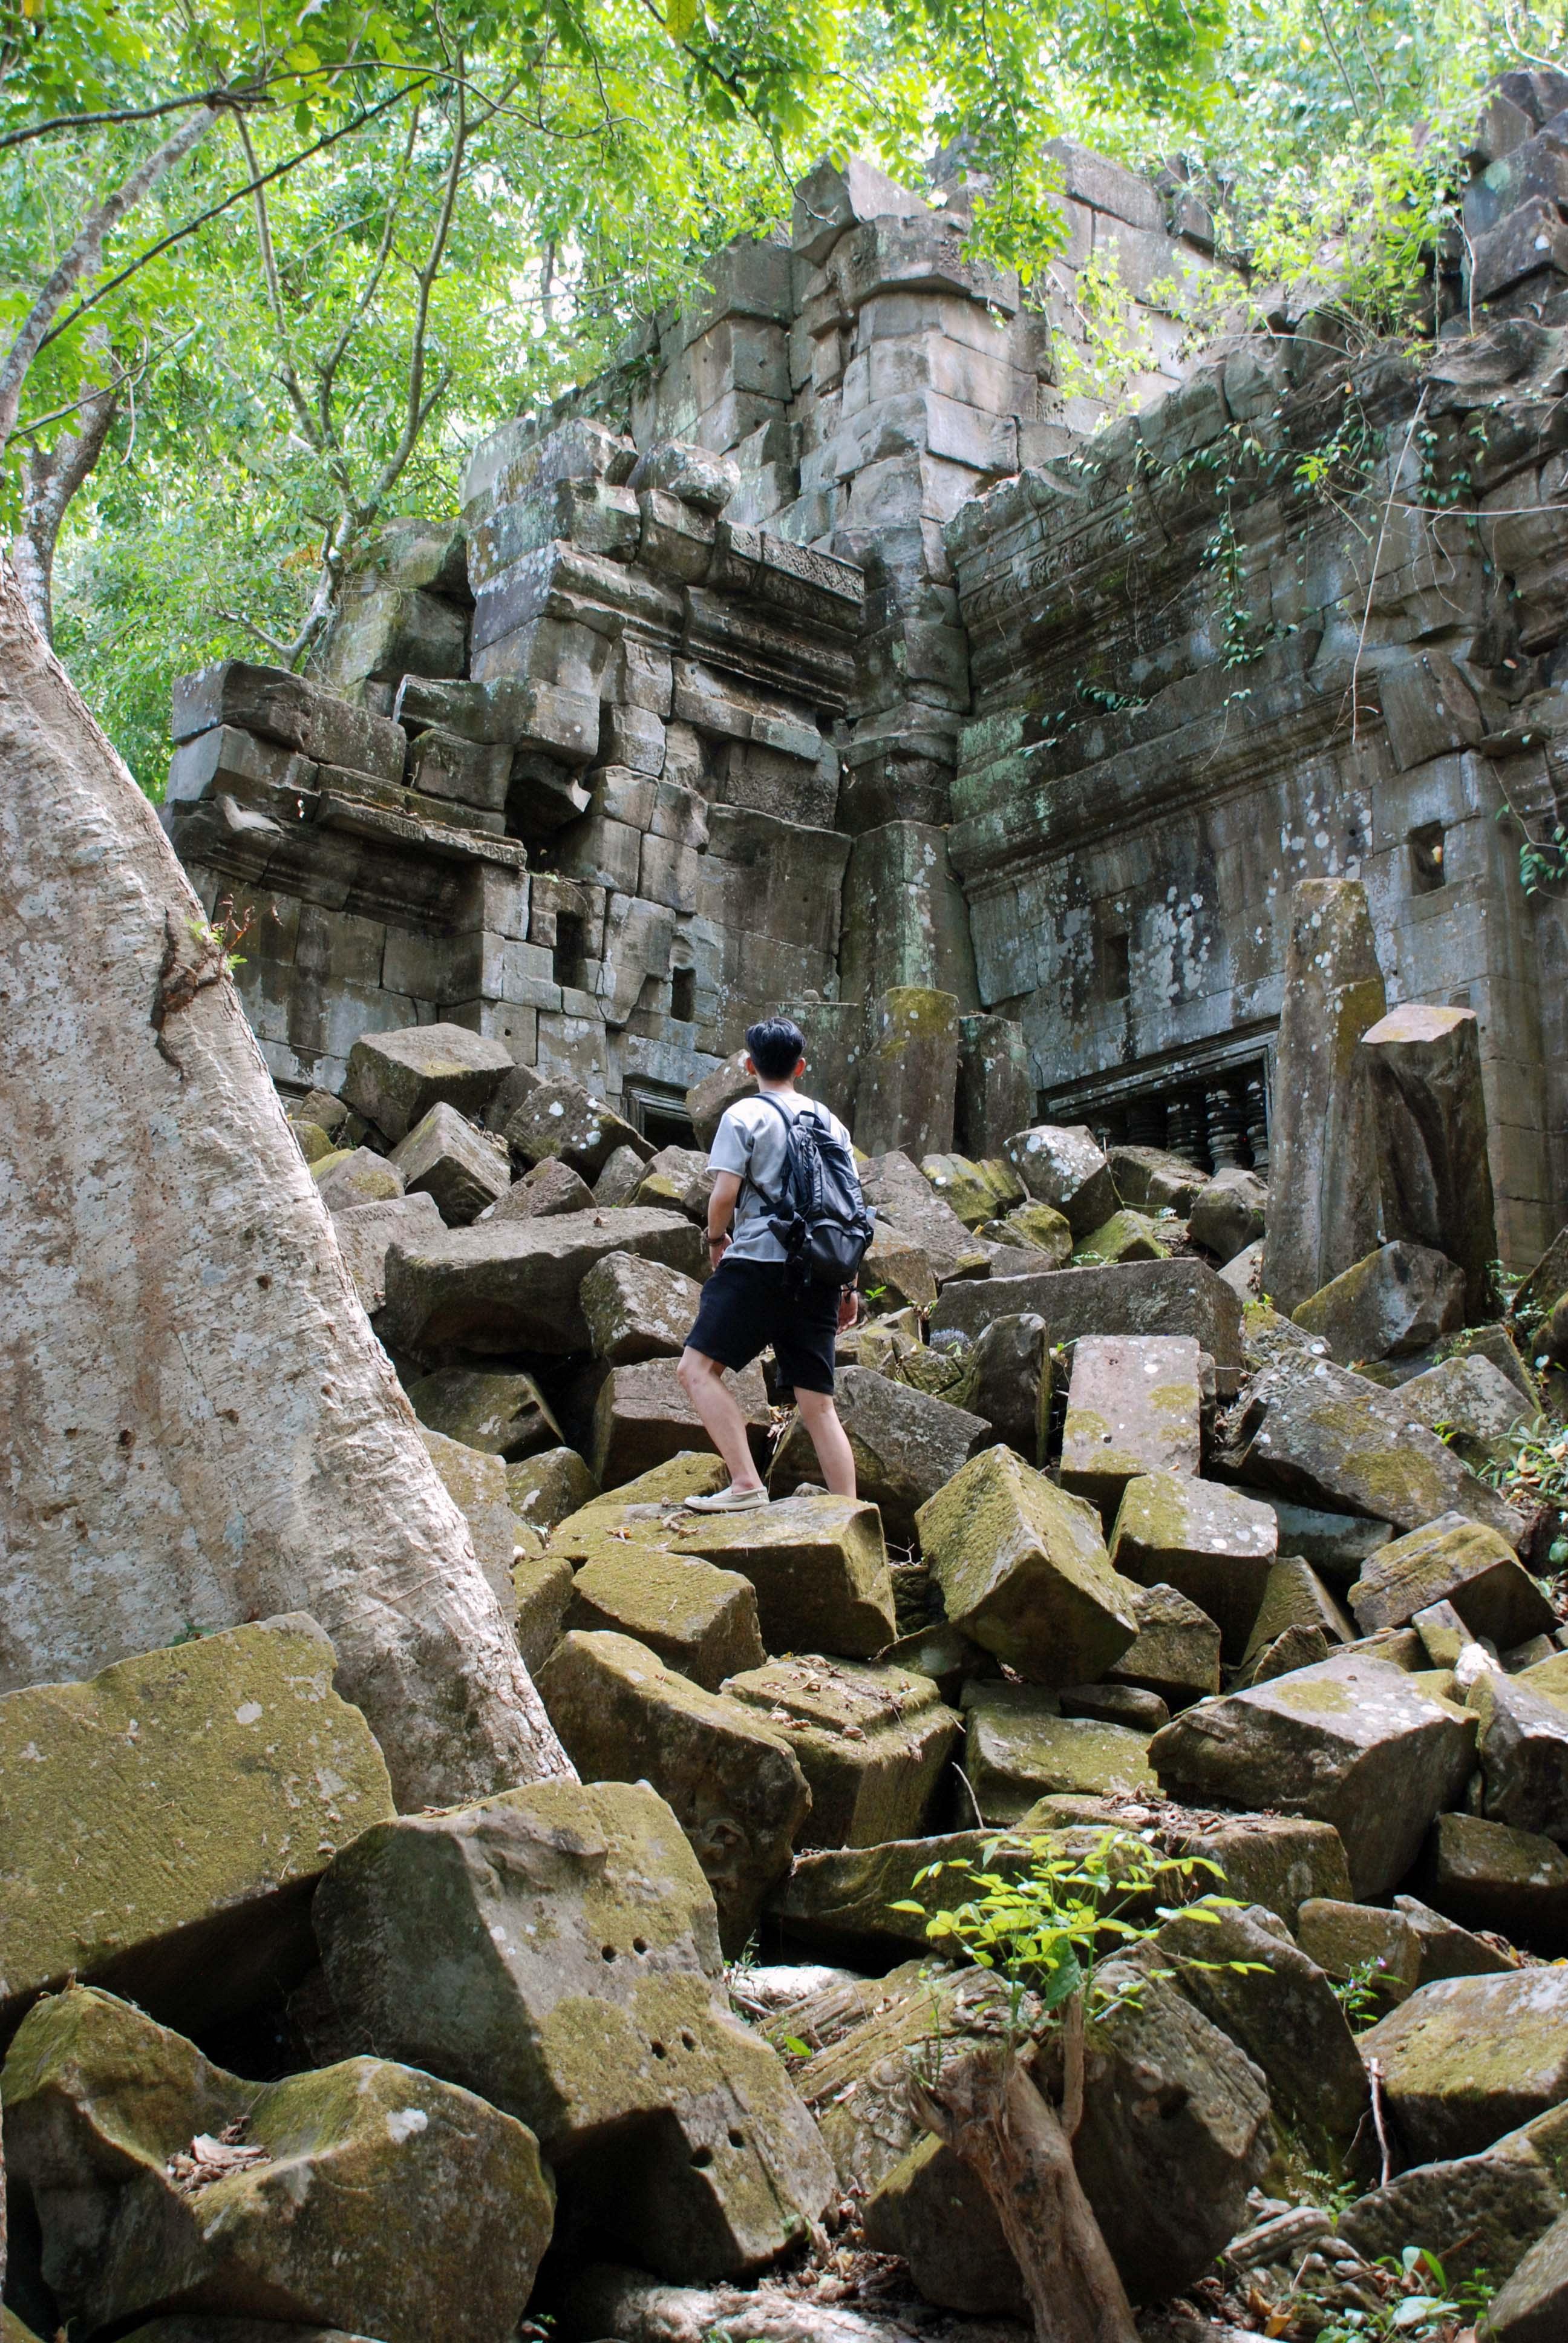 保留原始樣貌的崩密列Beng Mealea,特別的歷史感如穿越時空,推薦五星此生必去 (Photo / Ran)